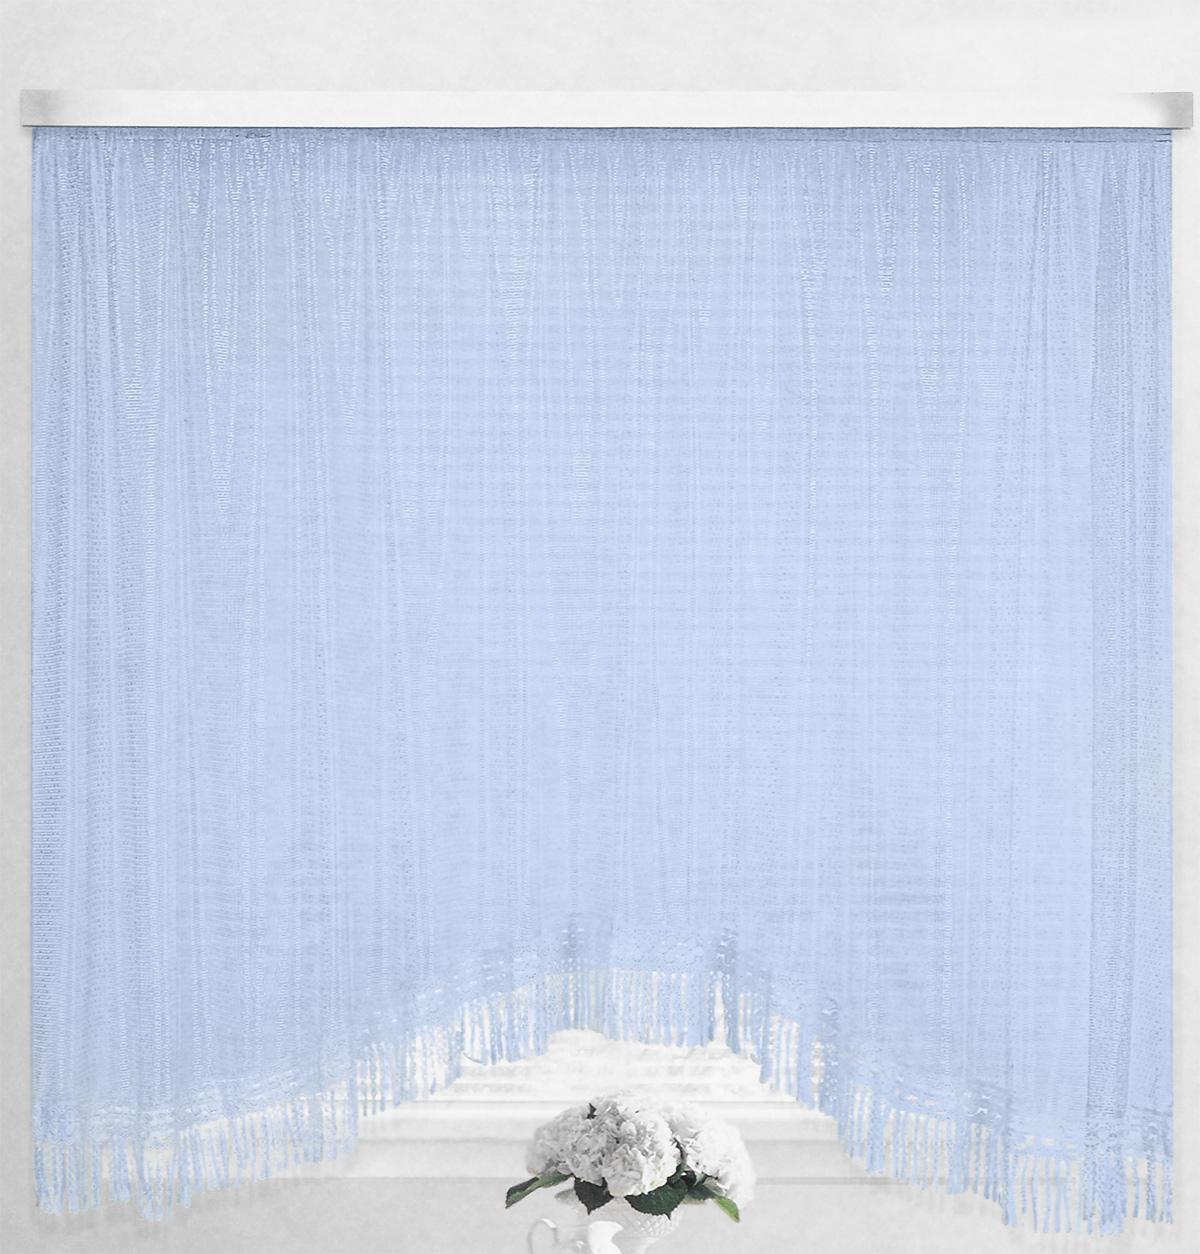 Штора-арка ТД Текстиль Капли росы, на ленте, цвет: голубой, высота 165 смVCA-00Штора-арка ТД Текстиль Капли росы великолепно украсит любое окно. Штора выполнена из качественного сетчатого полиэстера и декорирована бахромой. Полупрозрачная ткань, оригинальный дизайн и приятная цветовая гамма привлекут к себе внимание и позволят шторе органично вписаться в интерьер помещения. Штора крепится на карниз при помощи шторной ленты, которая поможет красиво и равномерно задрапировать верх. Изделие отлично подходит для кухни, столовой, спальни.